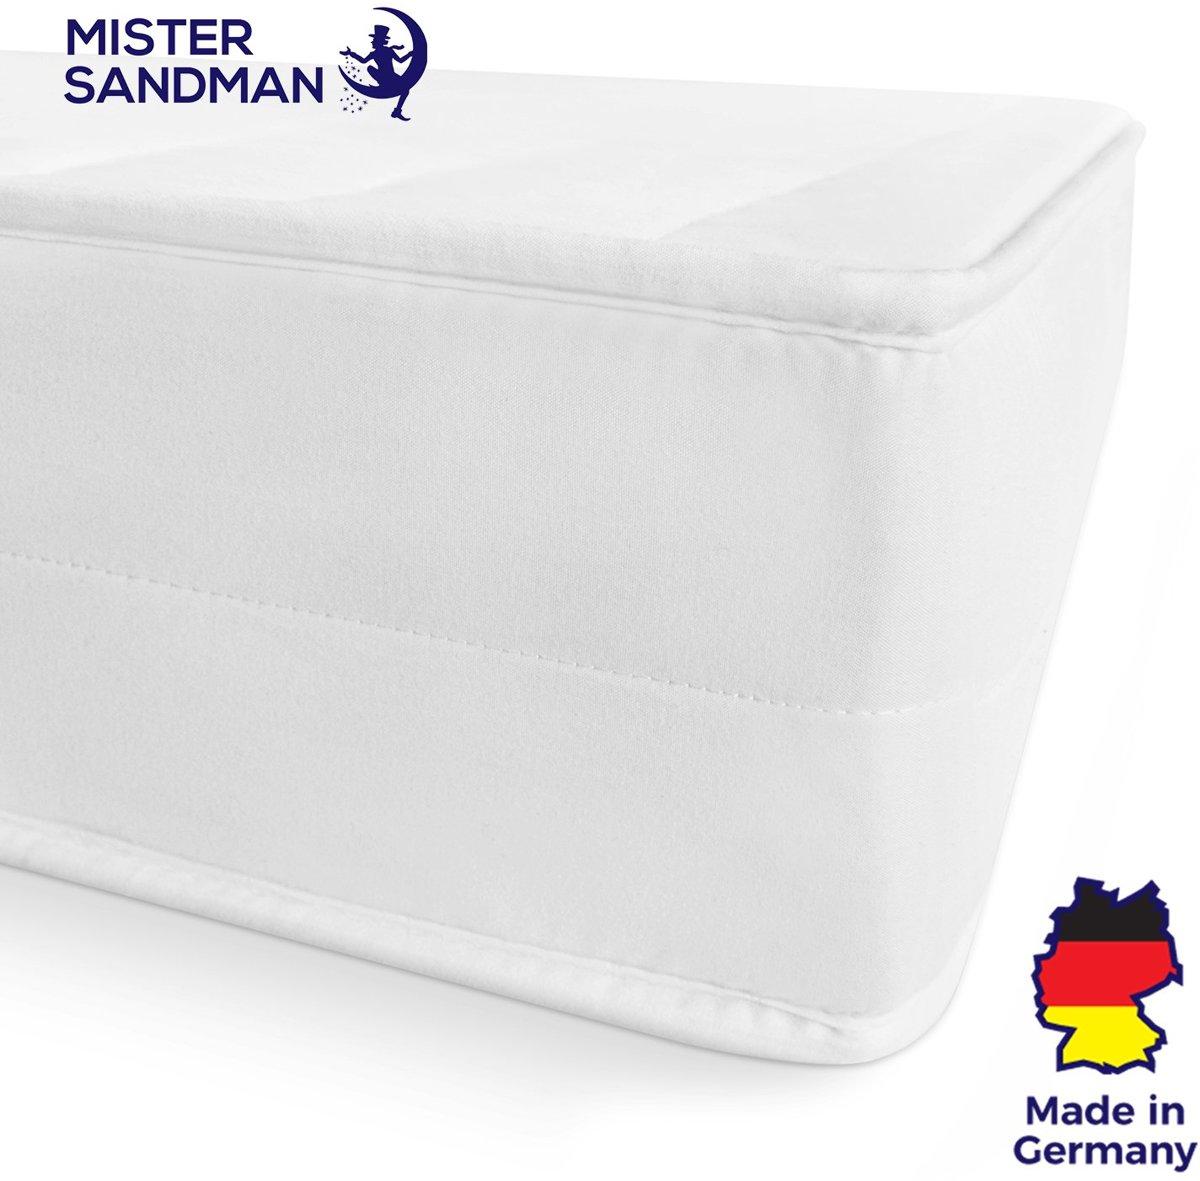 Matras - 90x190 - 7 zones - koudschuim - microvezel tijk - 15 cm hoog